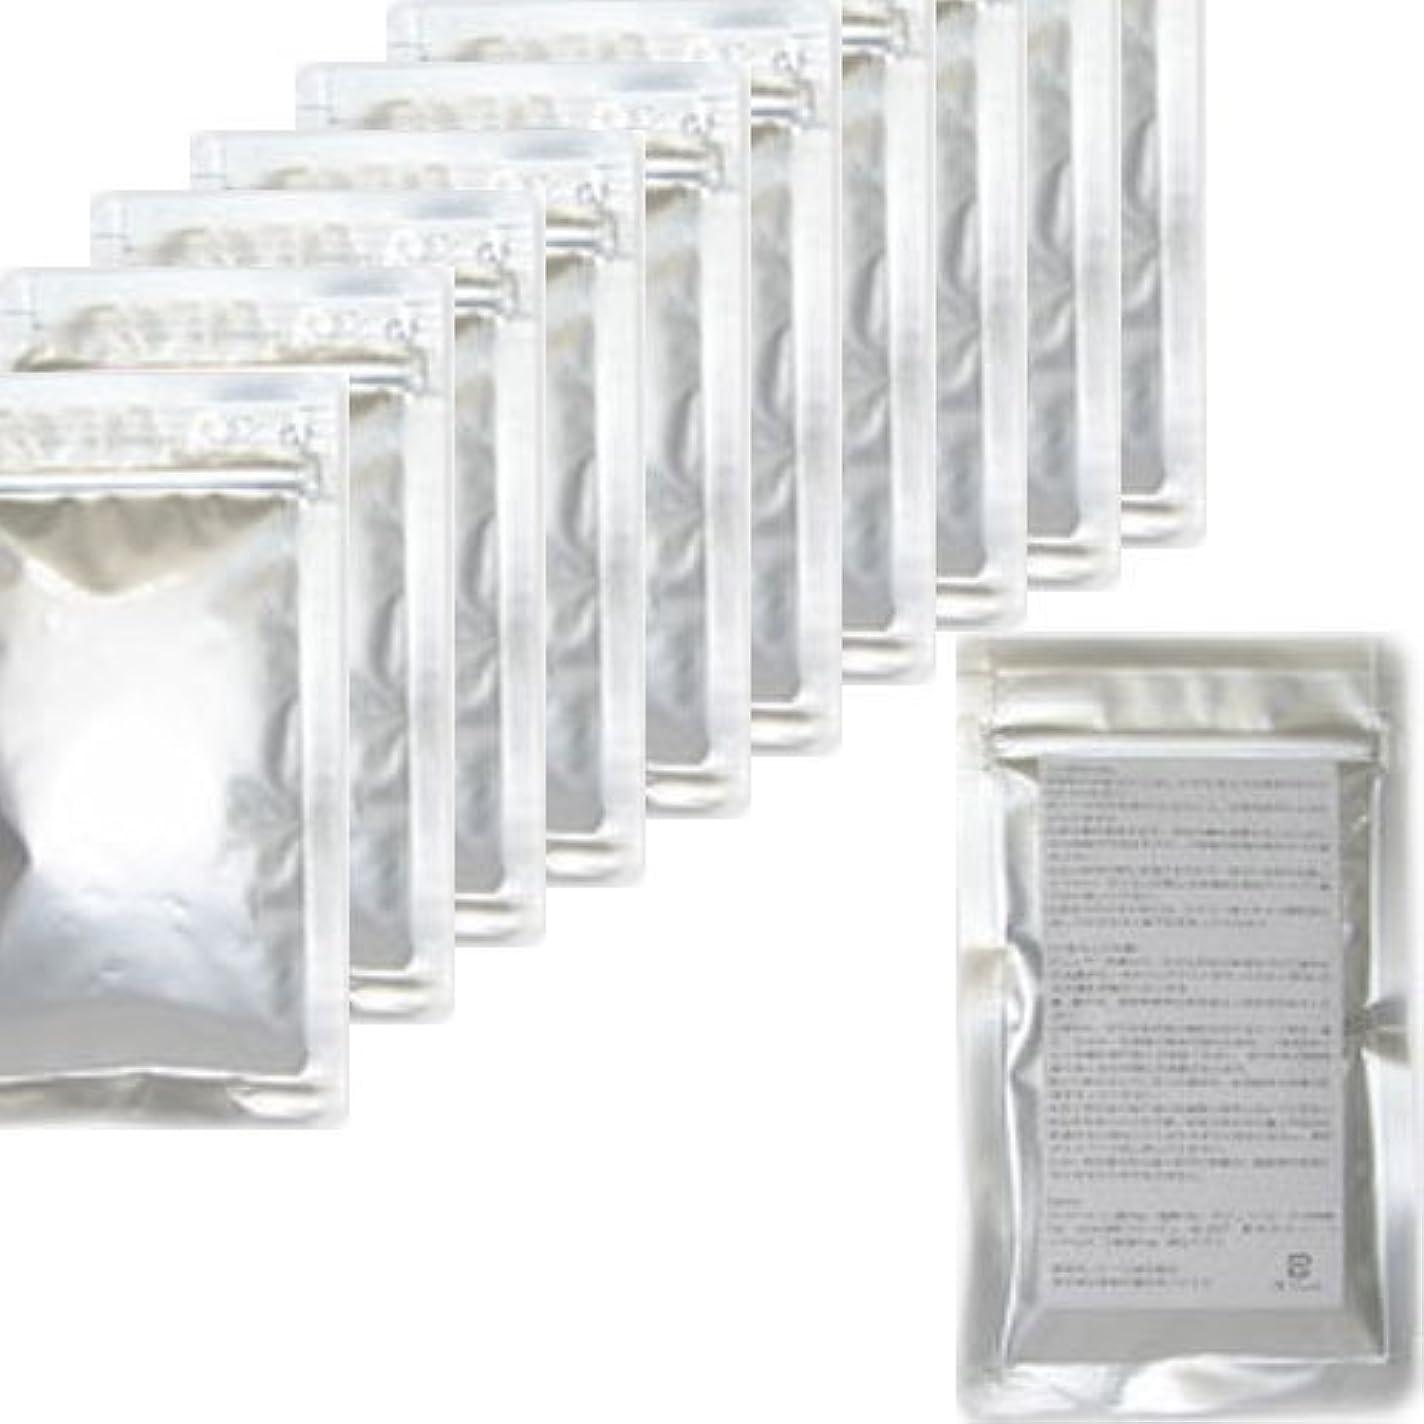 黒板何もない胆嚢業者様用 ローションバス とろとろ入浴剤「お風呂でねっとり」 業務用50g(50個セット) (無香料(ピンク))